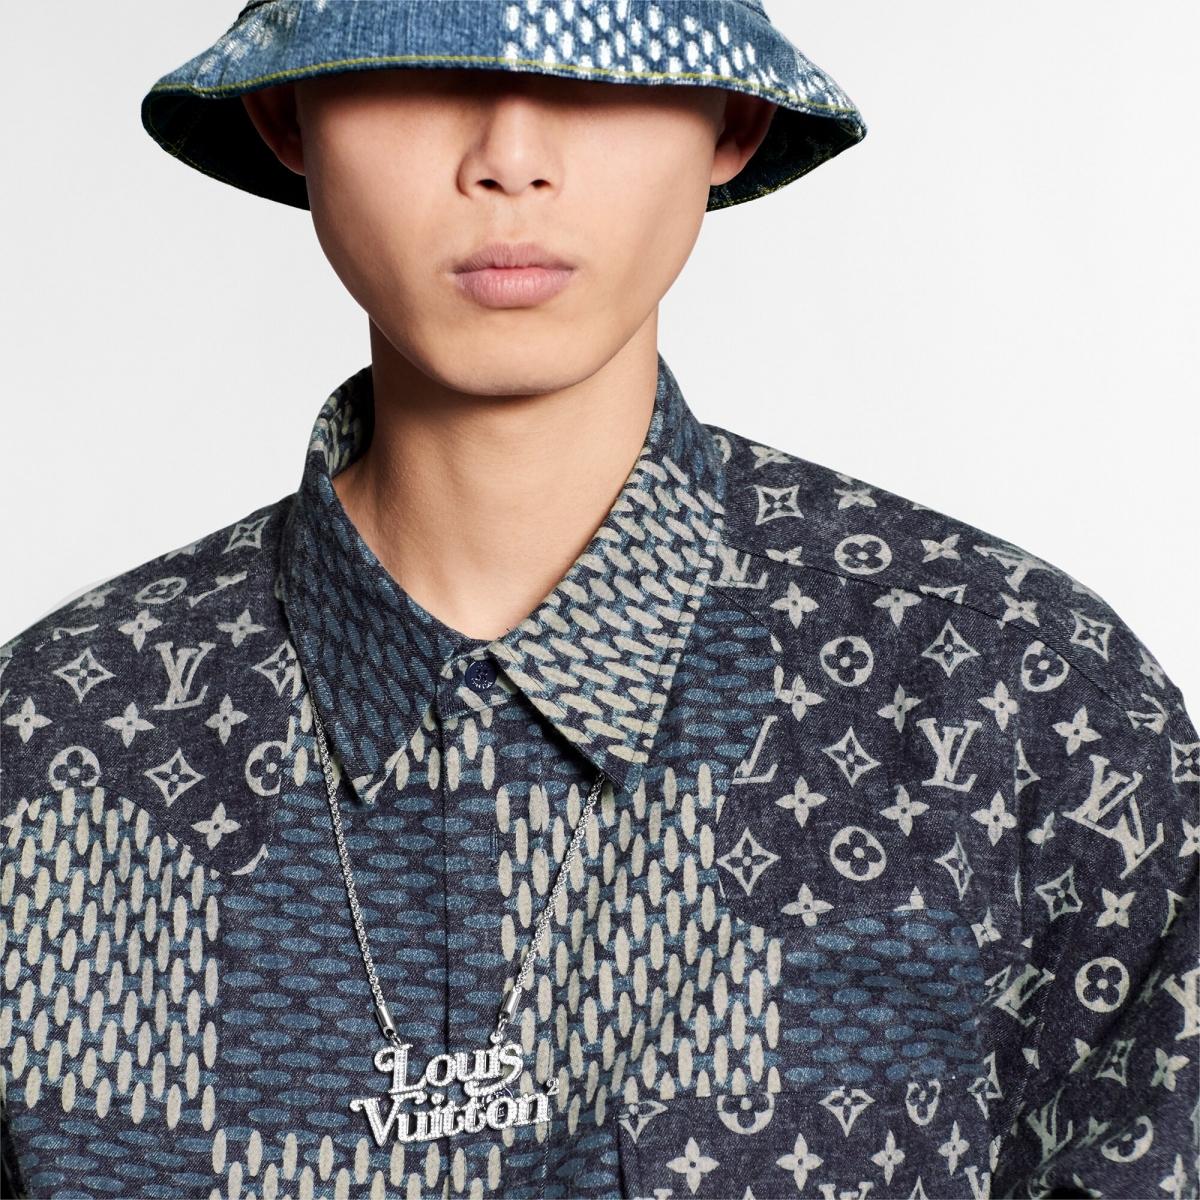 Thiết kế hợp tác giữa Nigo vàVirgil Abloh cho Louis Vuitton.